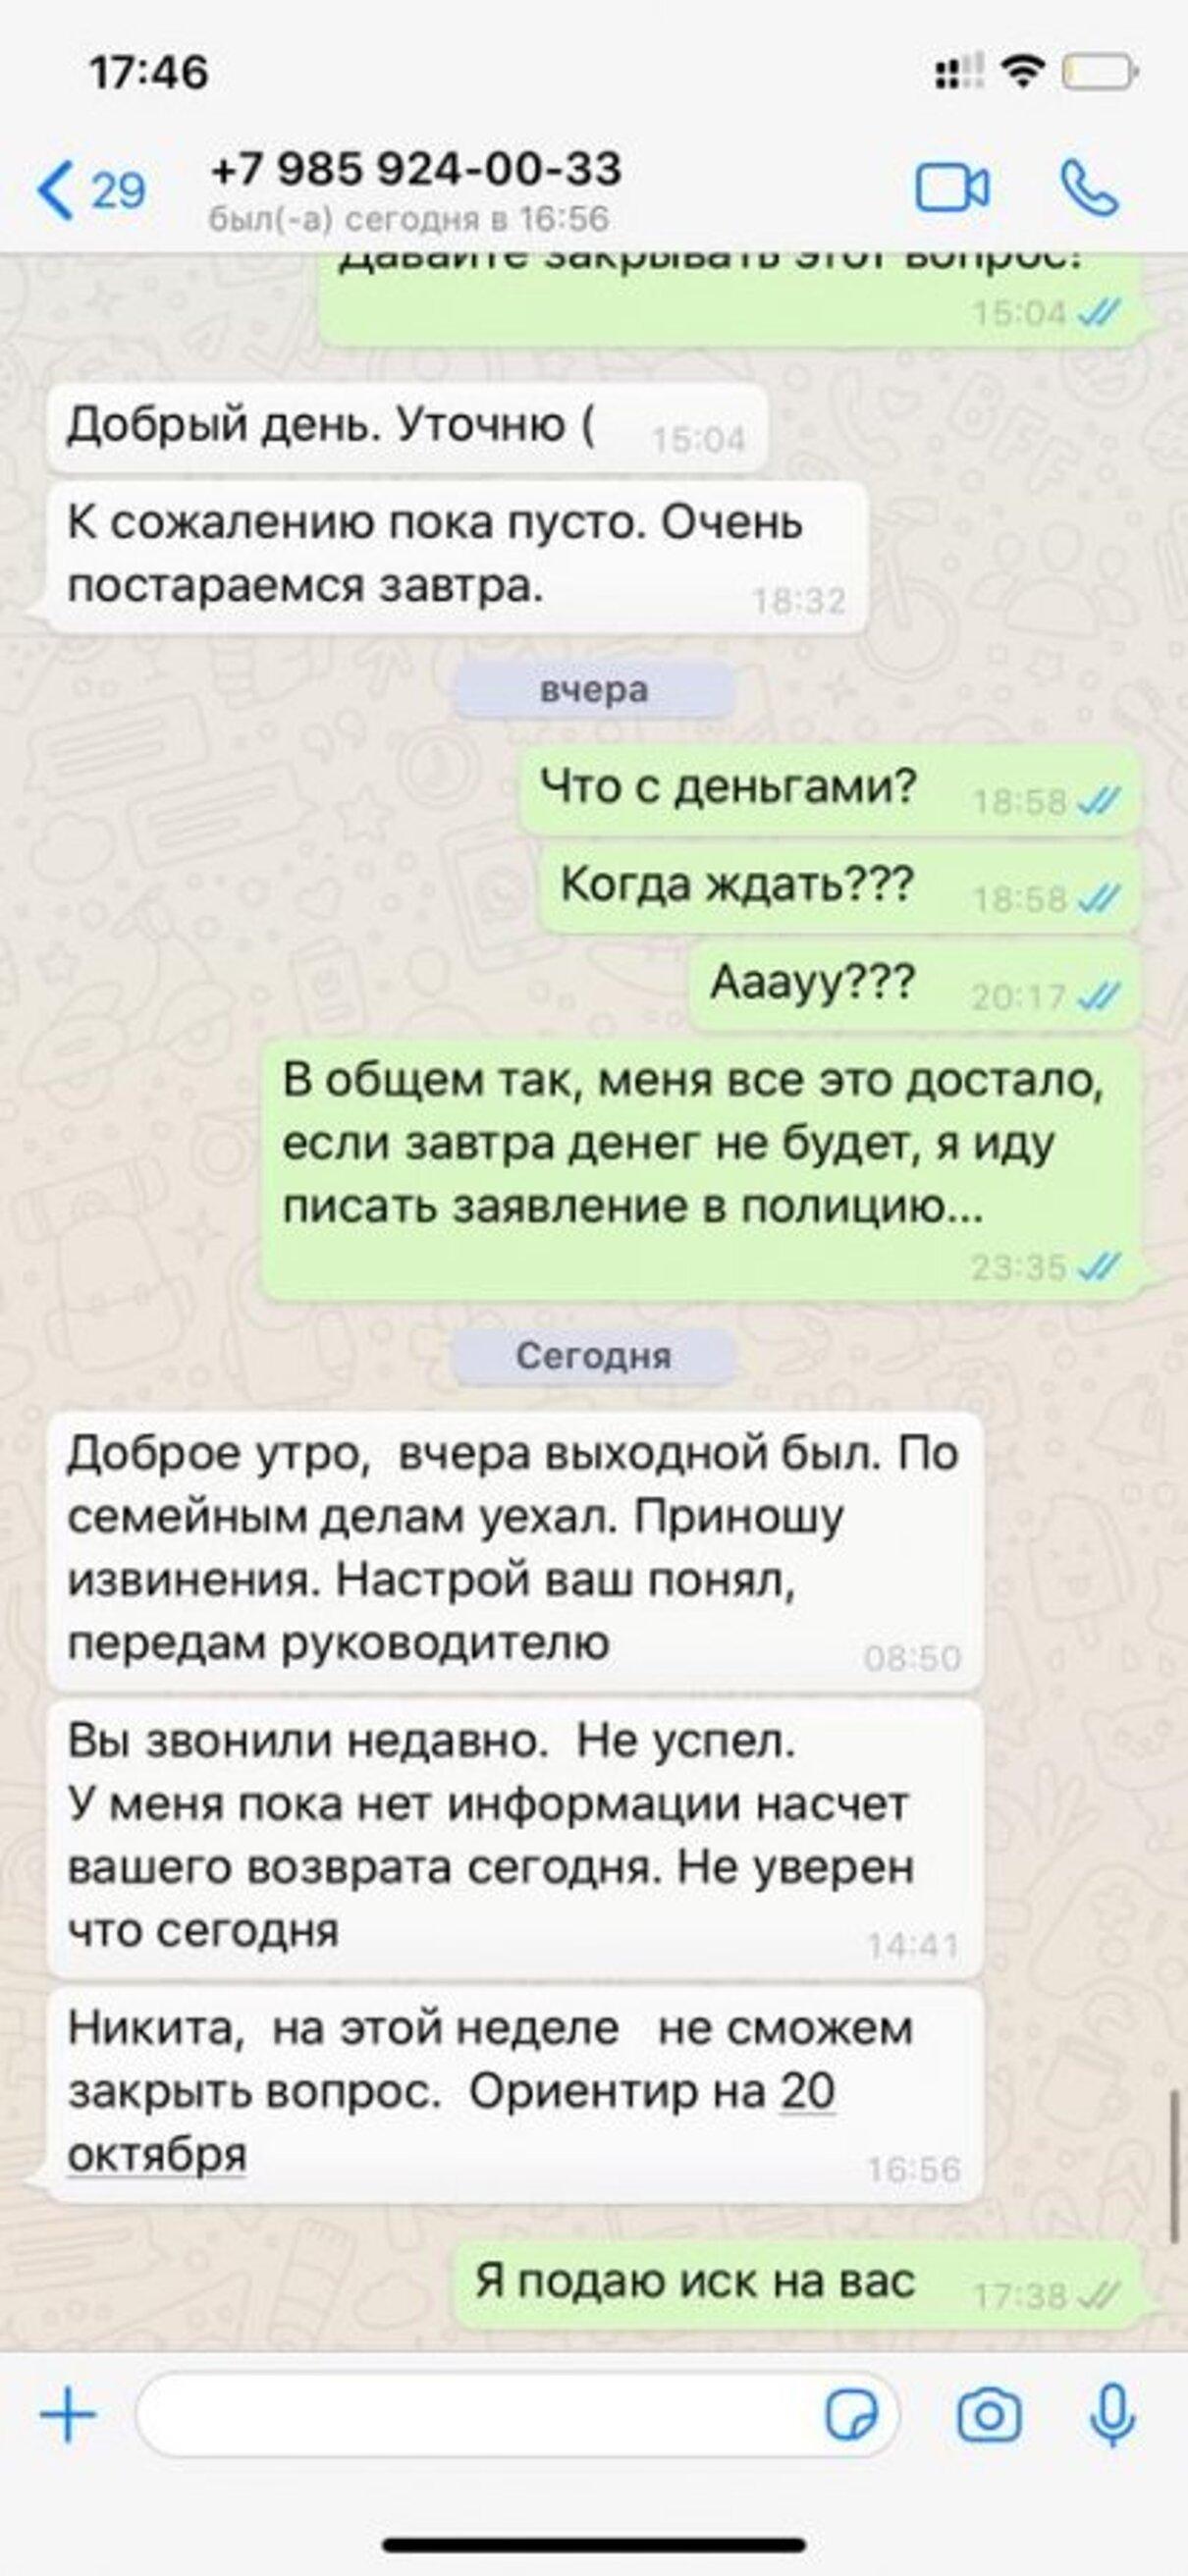 Жалоба-отзыв: Magazinmercedes.ru - Мошенники!!! Не привезли запчасти, не вернули деньги!!!.  Фото №5